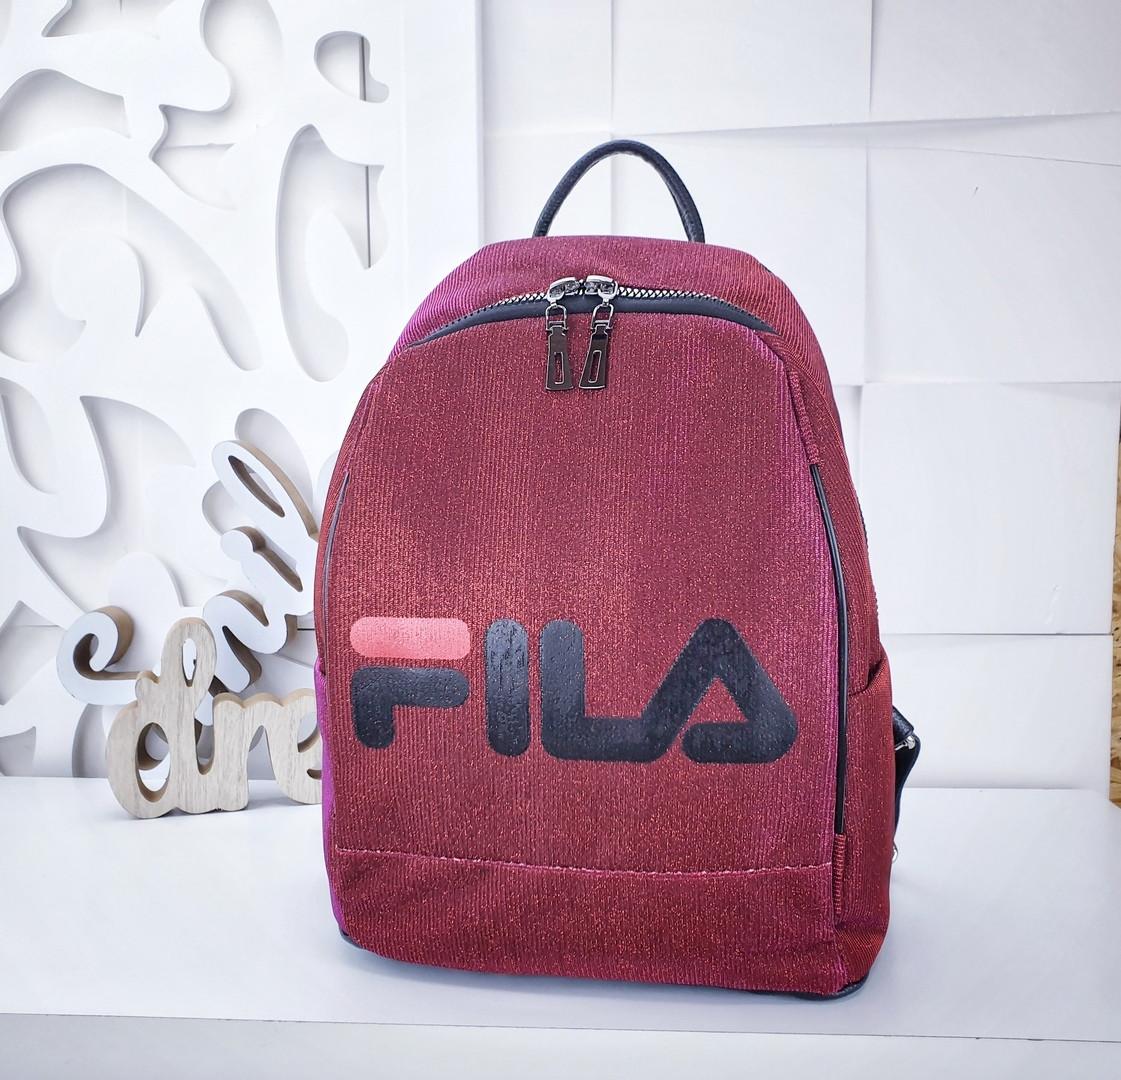 Женский рюкзак красного цвета, полиэстер+люрекс+напыление+эко-кожа, под бренд